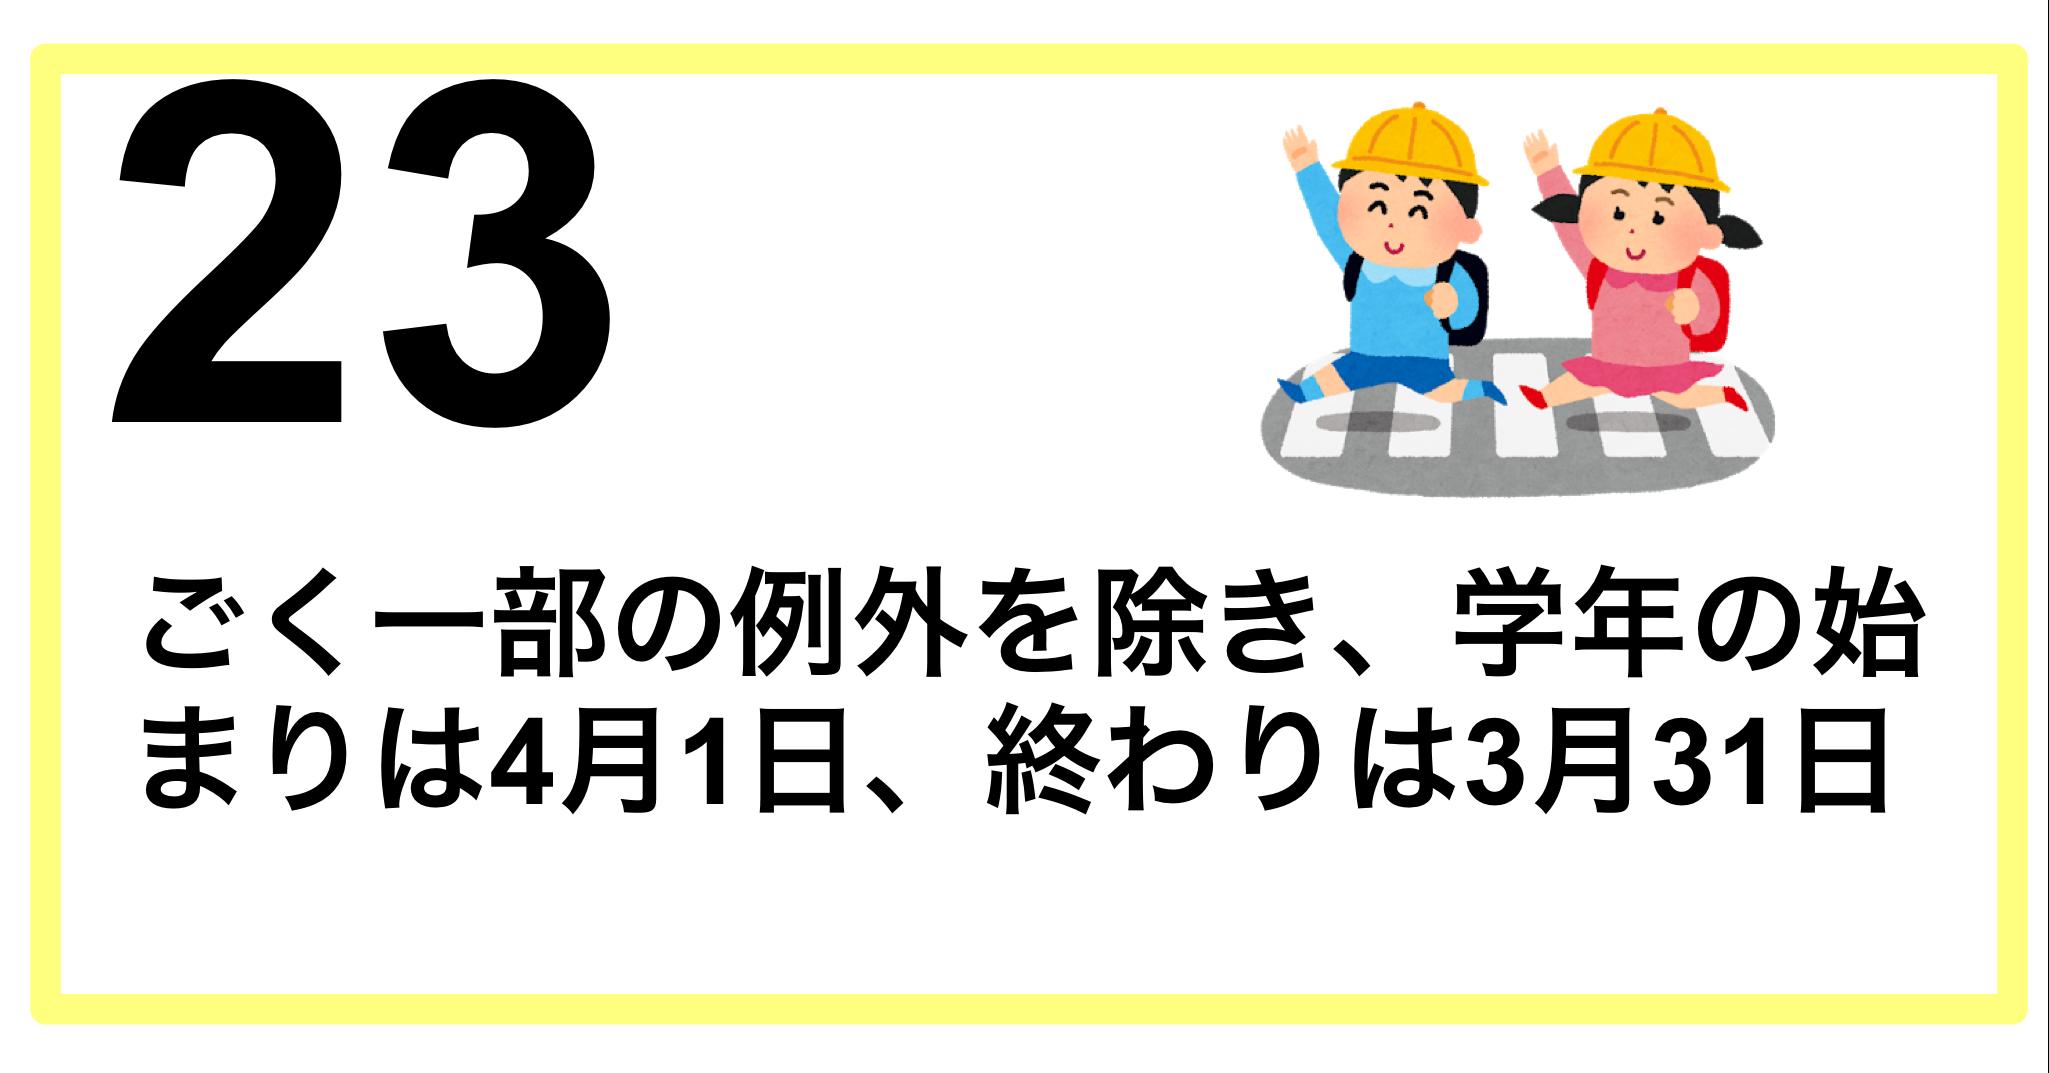 解説023】ごく一部の例外を除き、学年の始まりは4月1日、終わりは3月31 ...